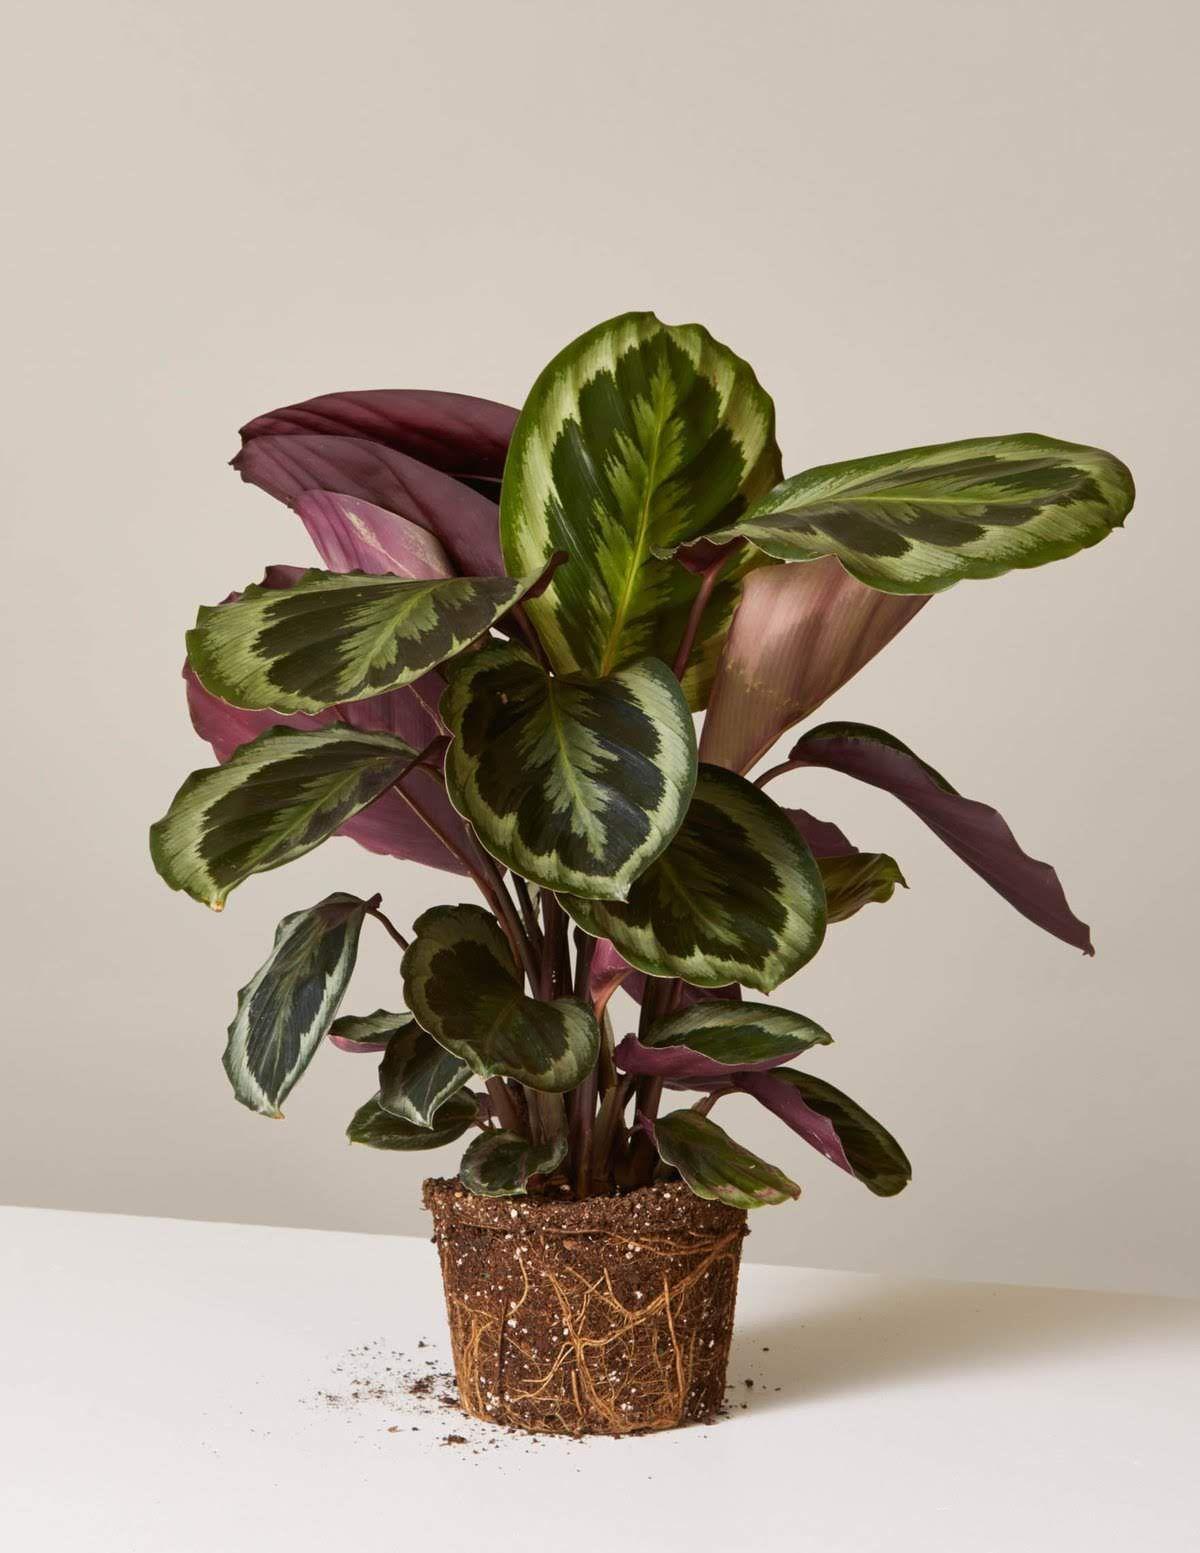 Top Plants For Kids And Pets Calathea Plant Plants Low Light Plants